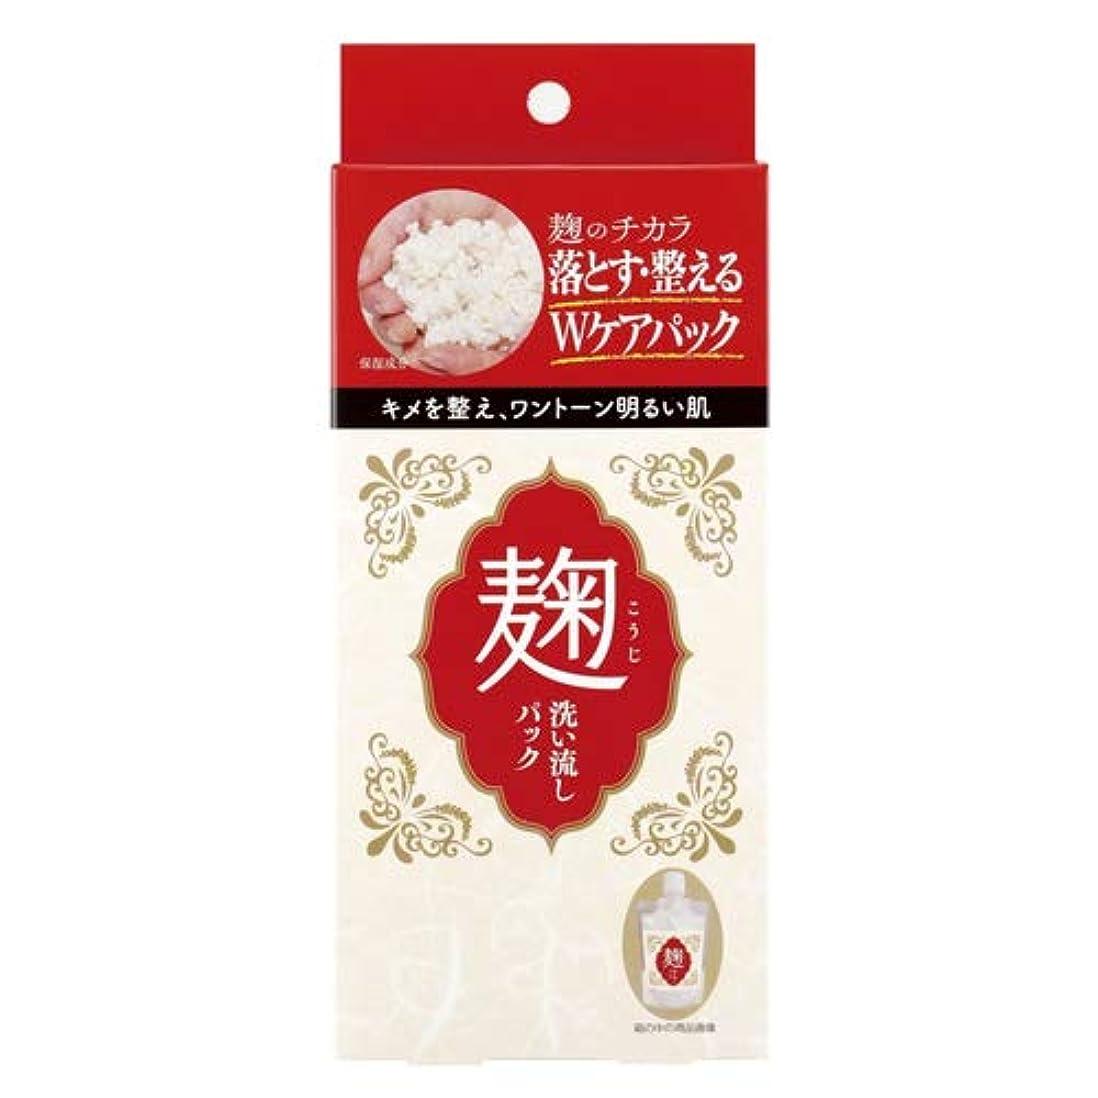 注入こねる調整するユゼ 麹配合美肌パック 130g